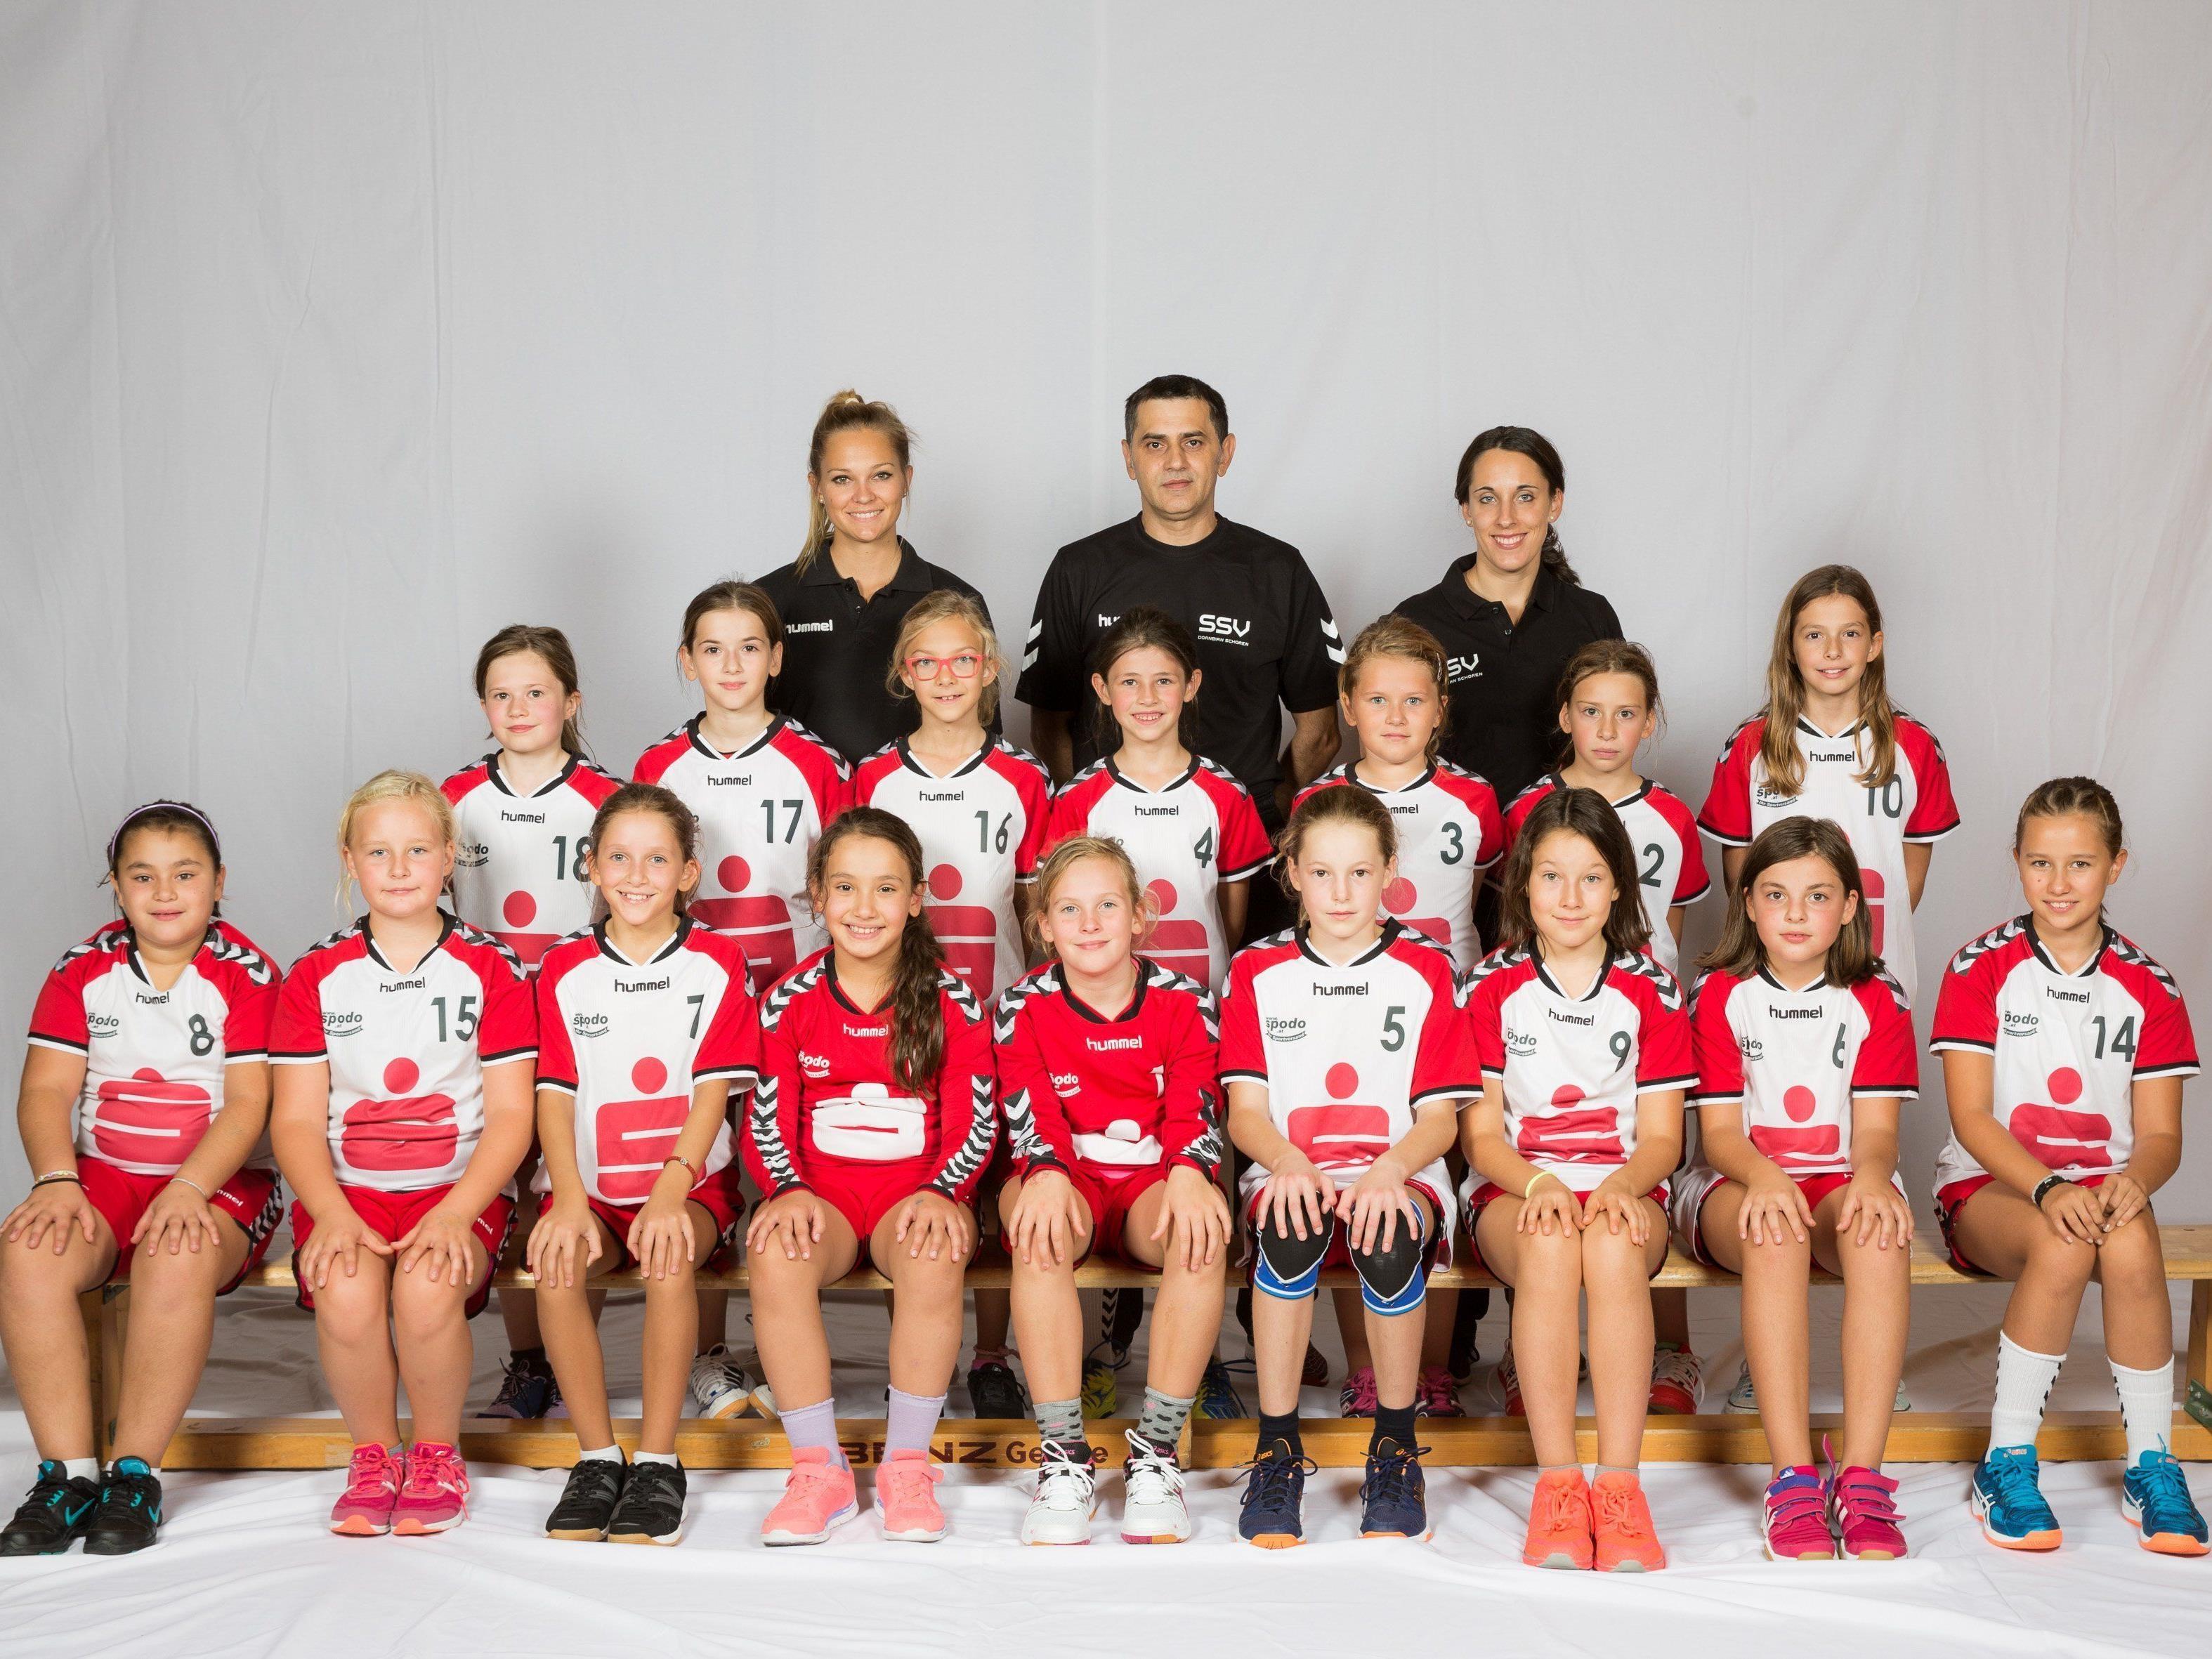 Die SSV-Spielerinnen beeindruckten gleich am ersten Spieltag mit hervorragenden Leistungen.